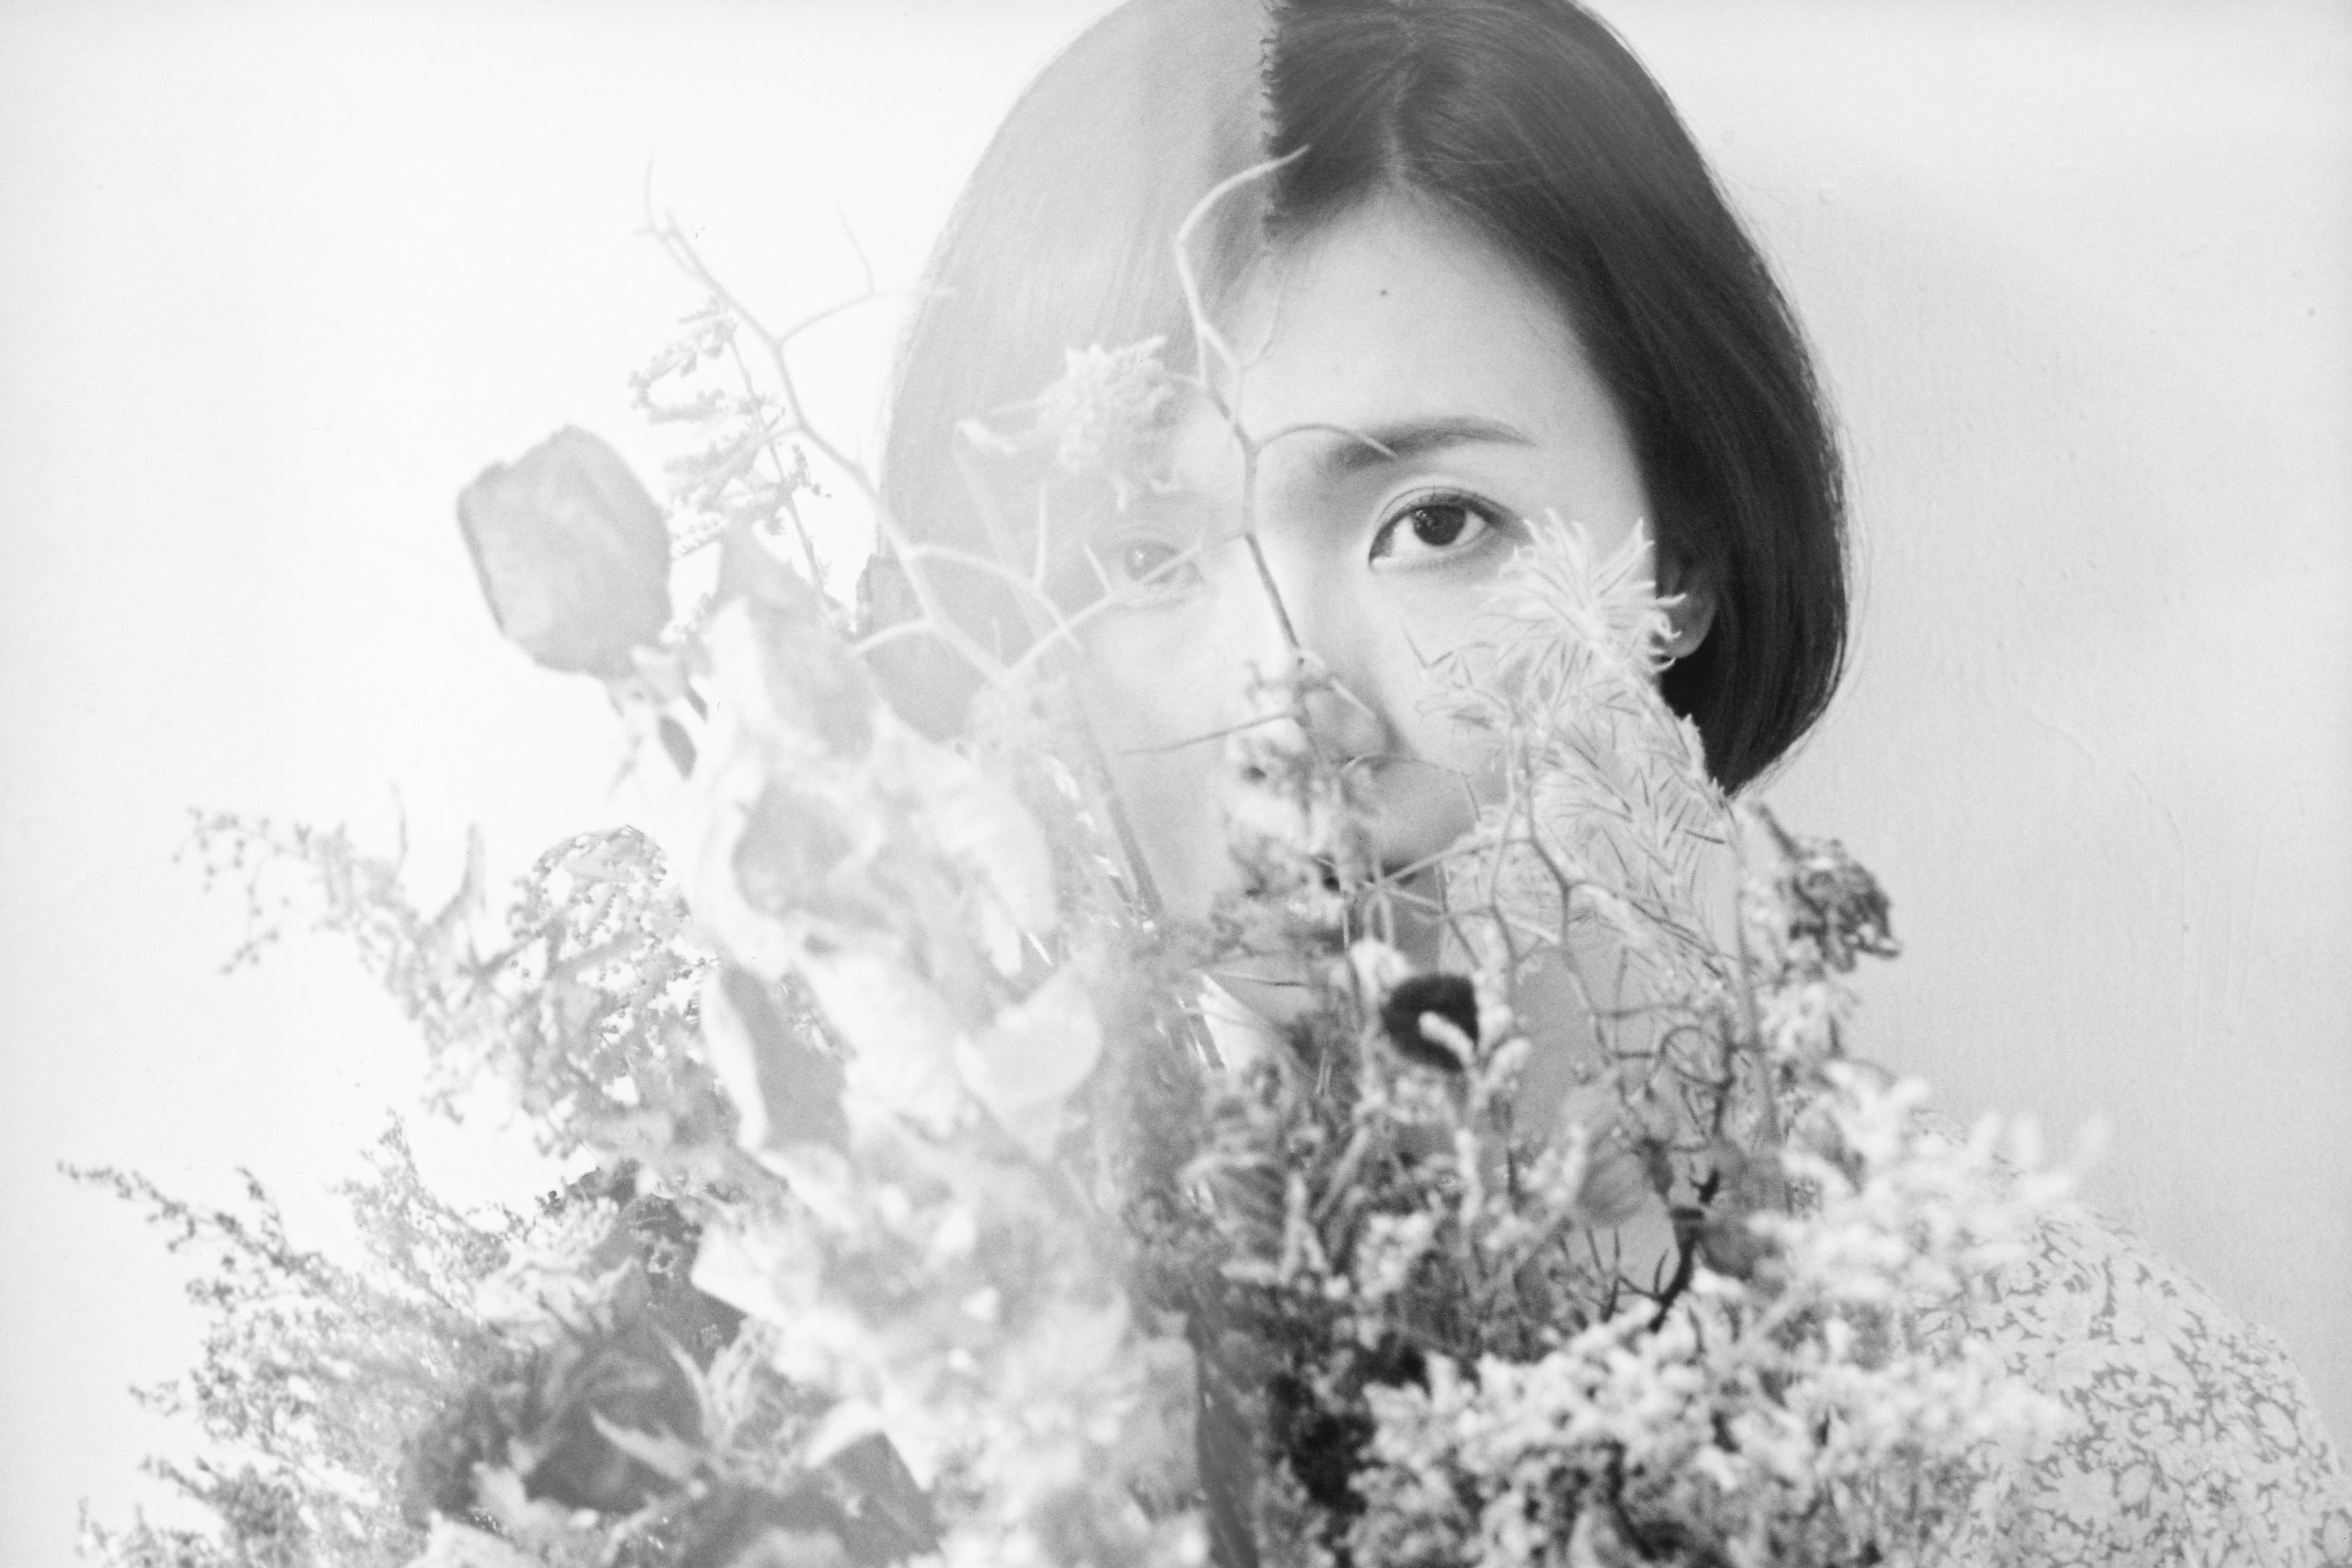 """Nozomi Nobody、新作は""""フォーク・ポップのニュー・スタンダード・アルバム"""" 9/13リリース アートワーク&ティザー映像公開"""